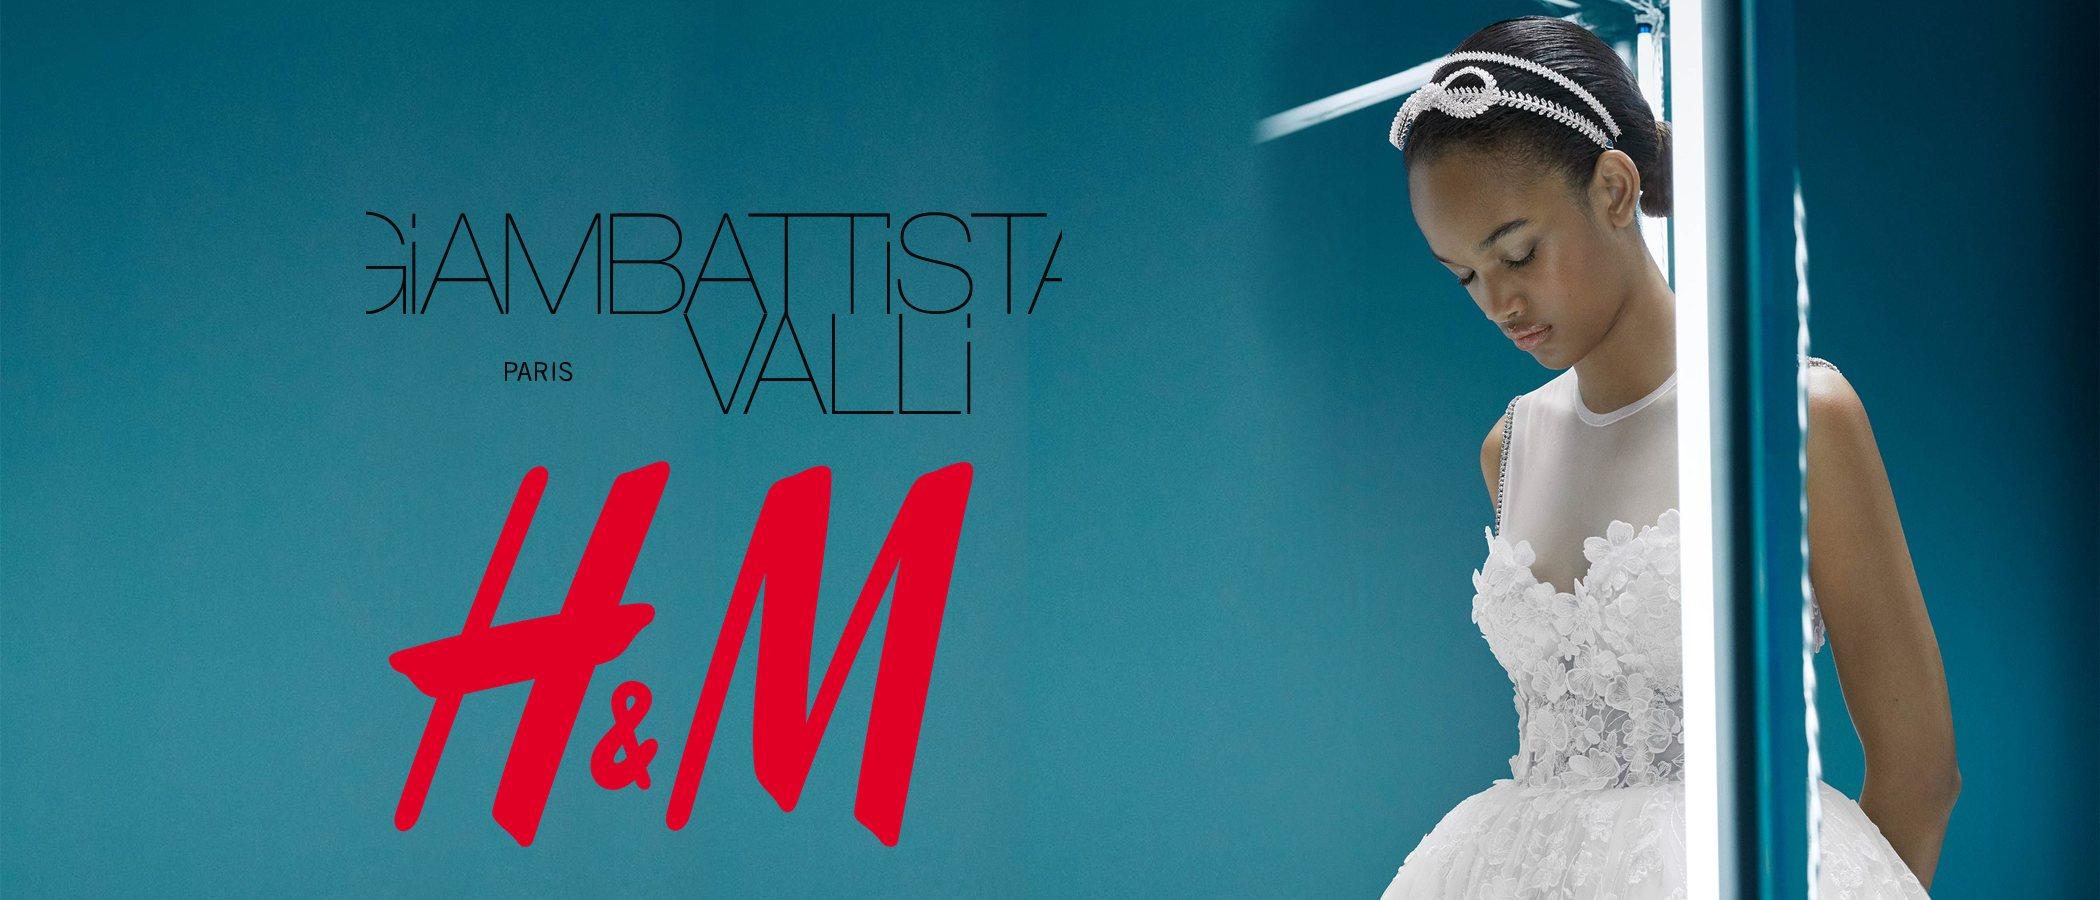 H&M x Giambattista Valli, la nueva colección low cost presentada por Kendall Jenner y Chiara Ferragni en Cannes